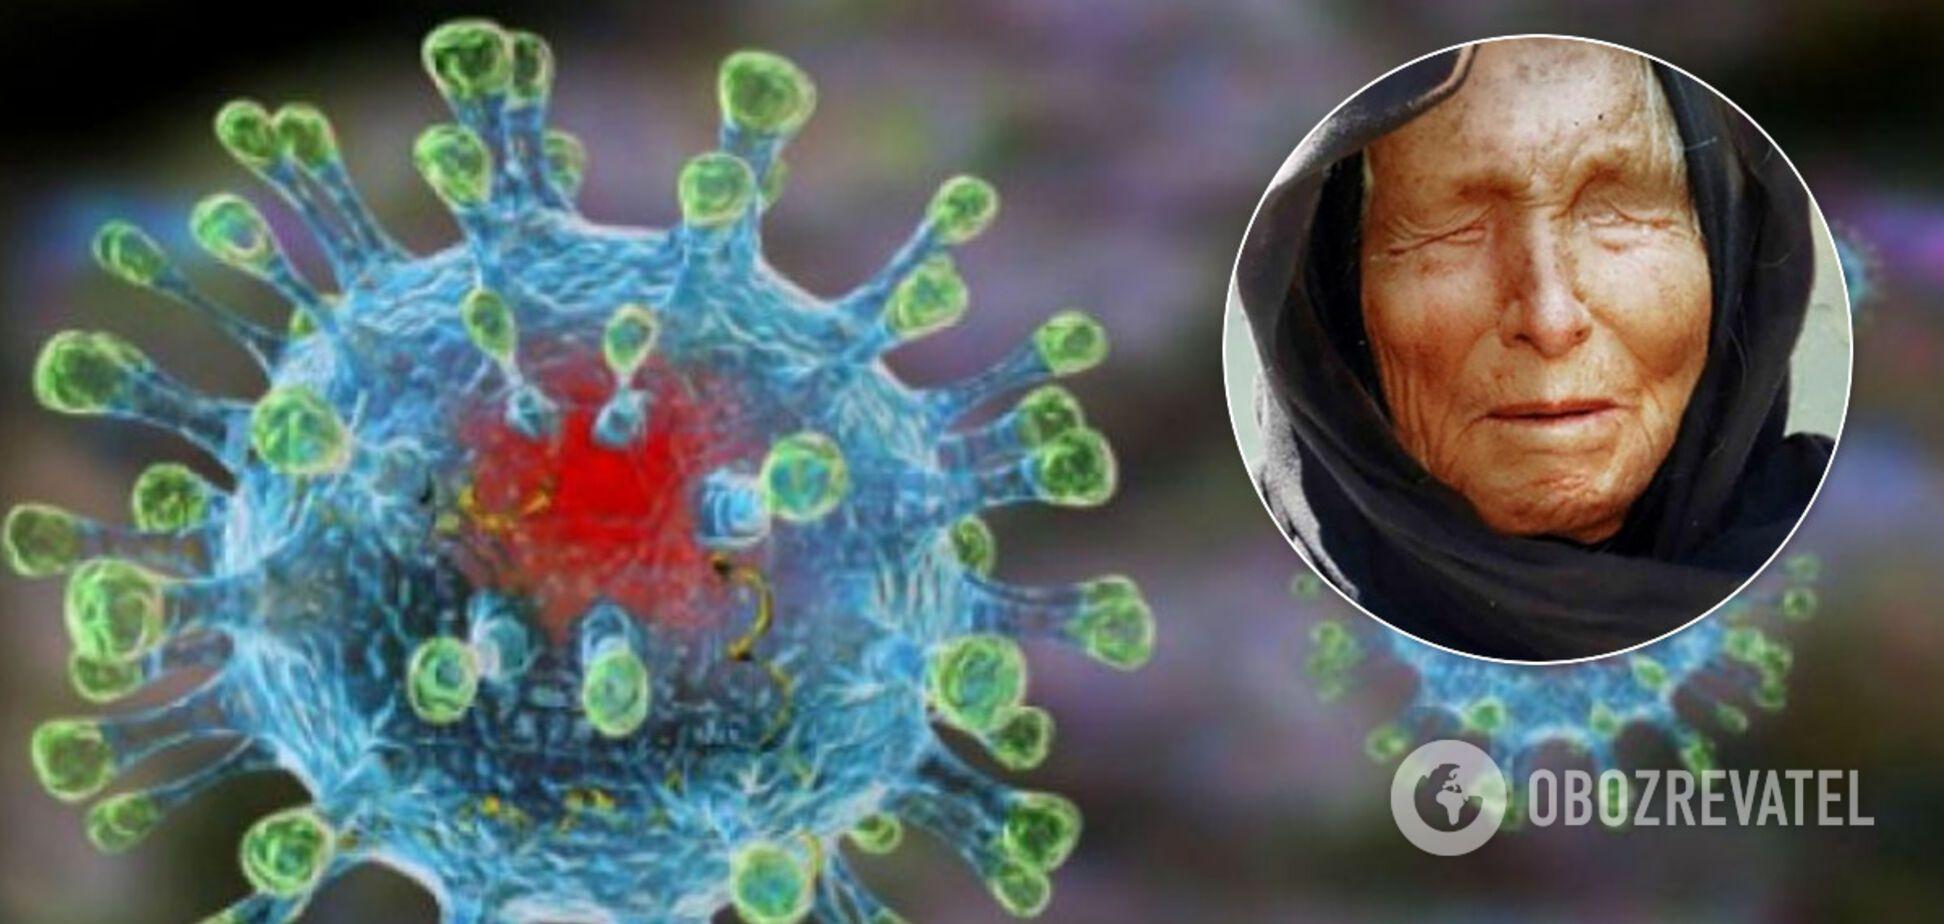 Ванга передбачила коронавірус: у мережі здійнявся новий безлад через пророцтво